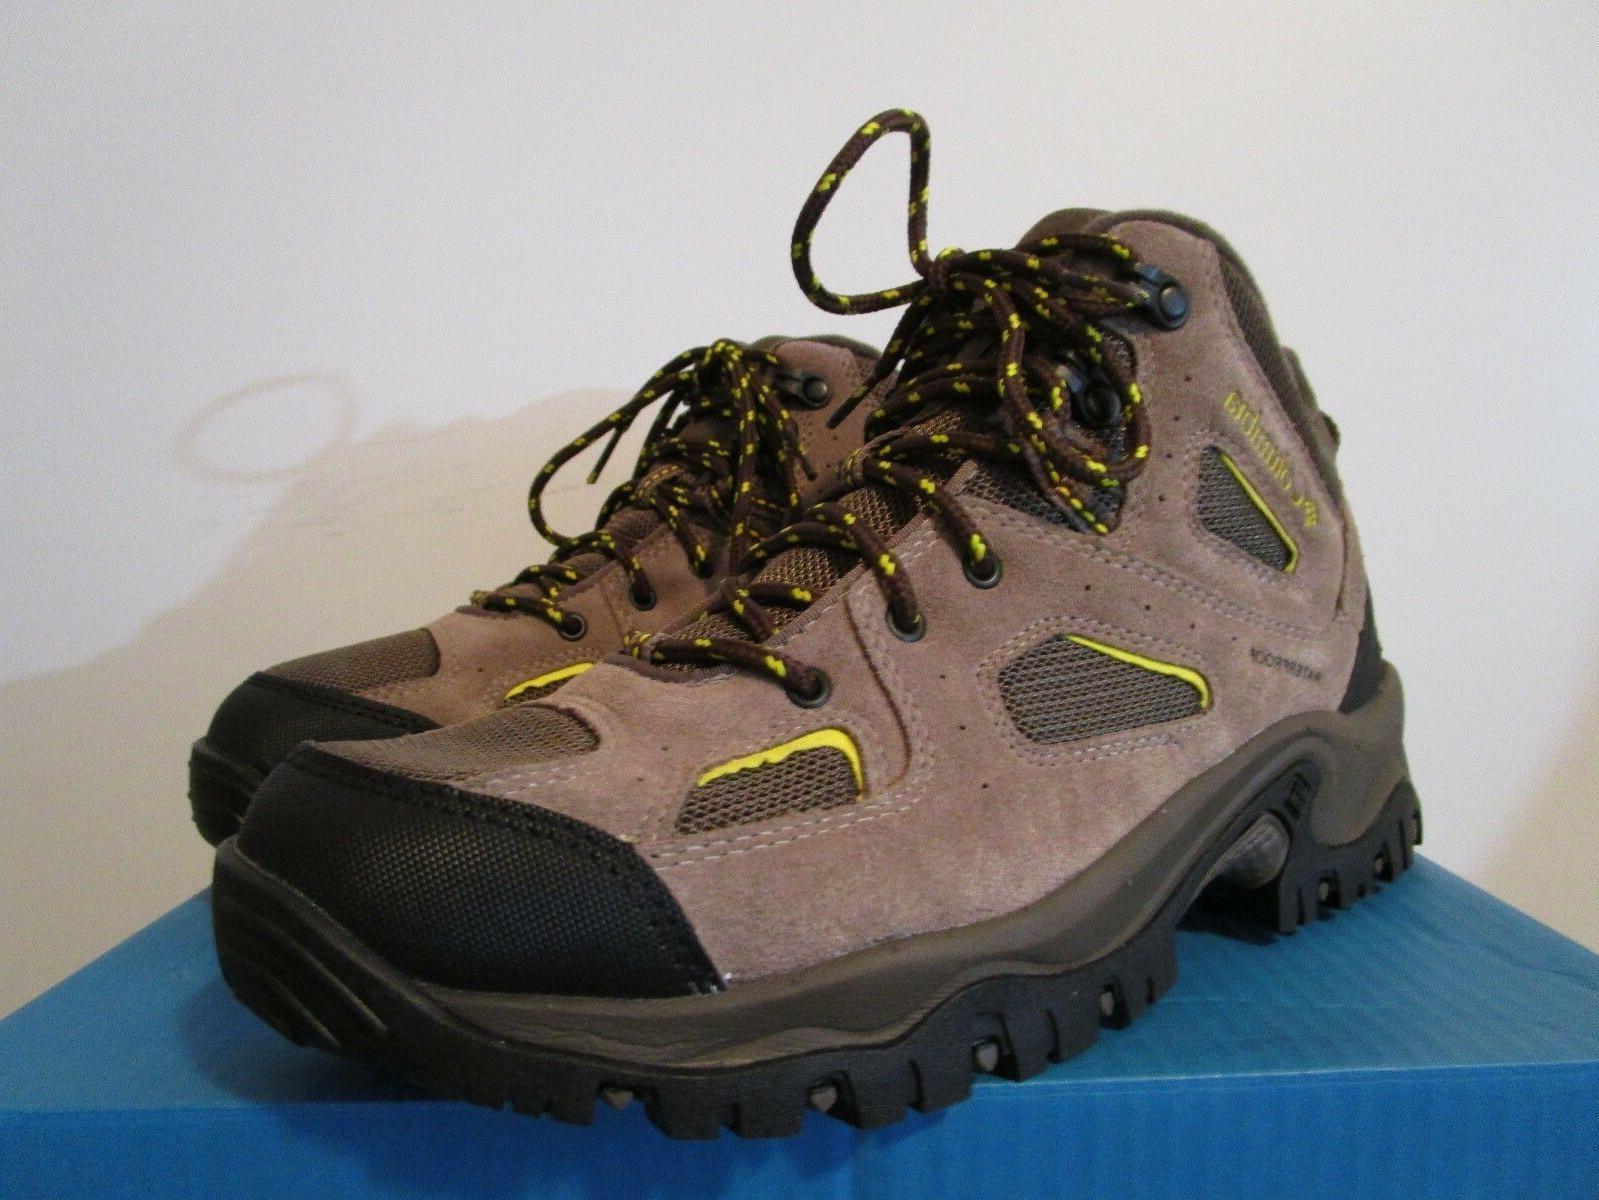 NIB Mens II Hiking Trail Mid Shoes